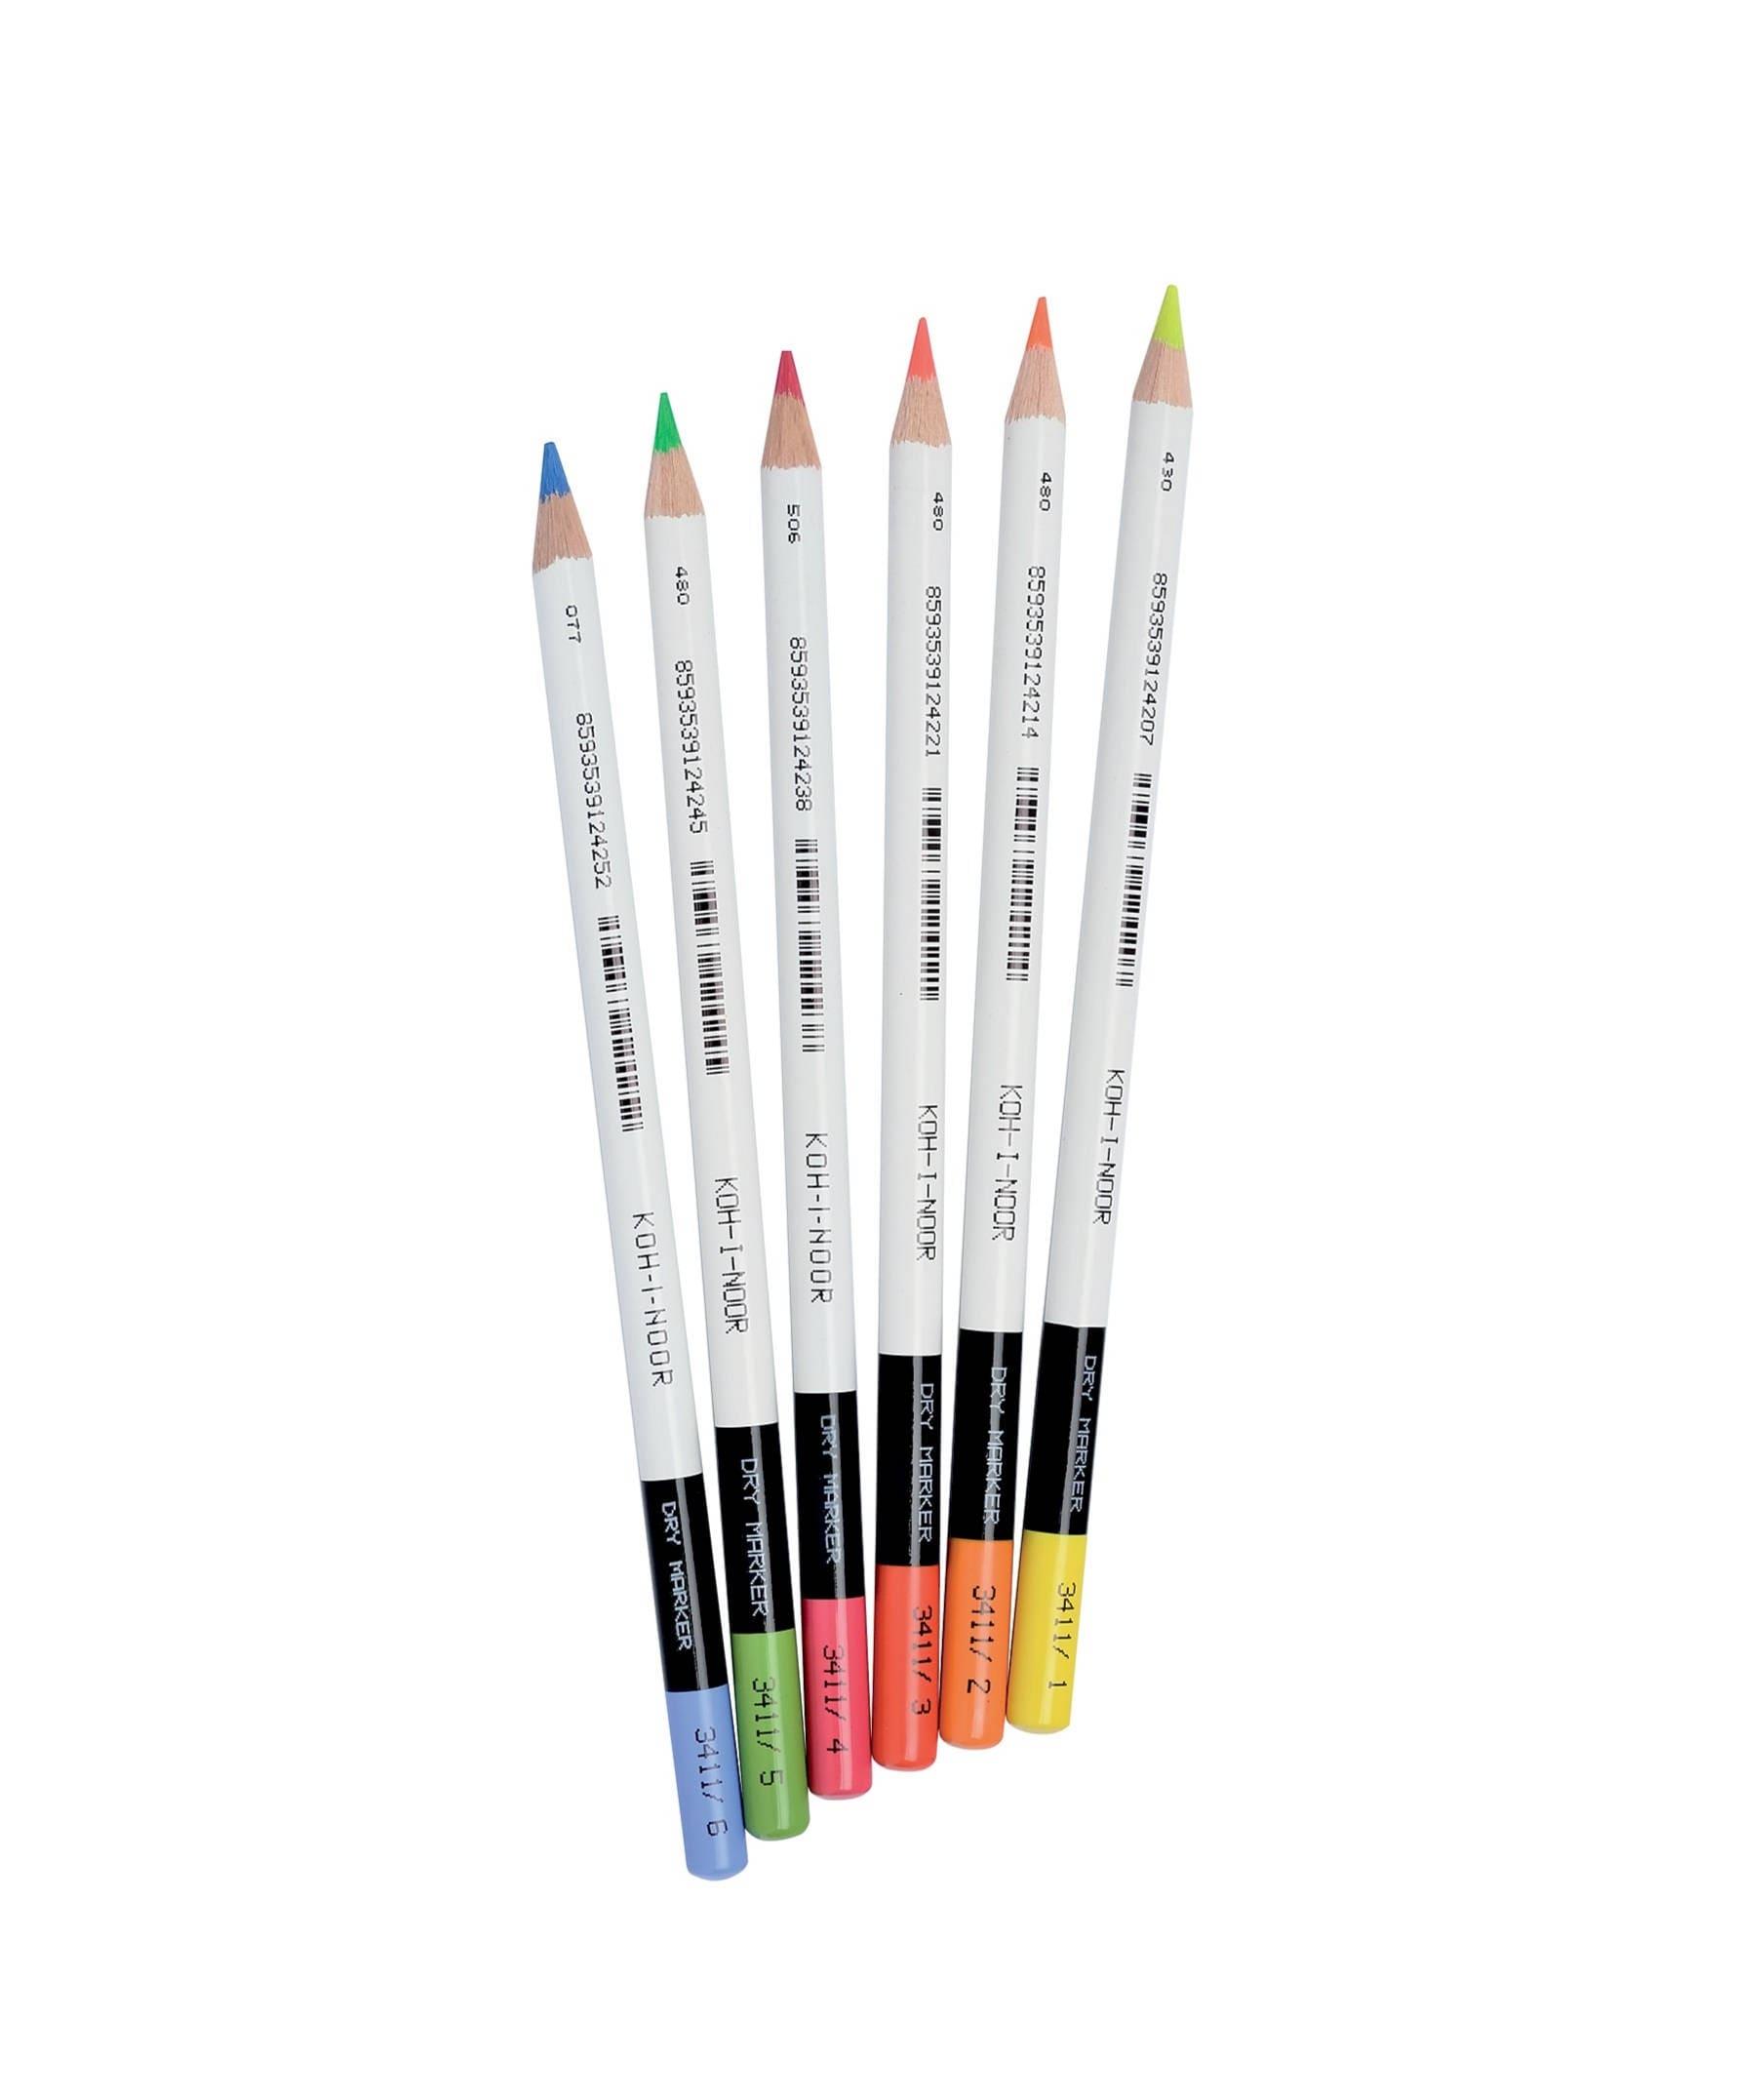 Trocken Textmarker Buntstift set 3411 3415 Koh-I-Noor Neon